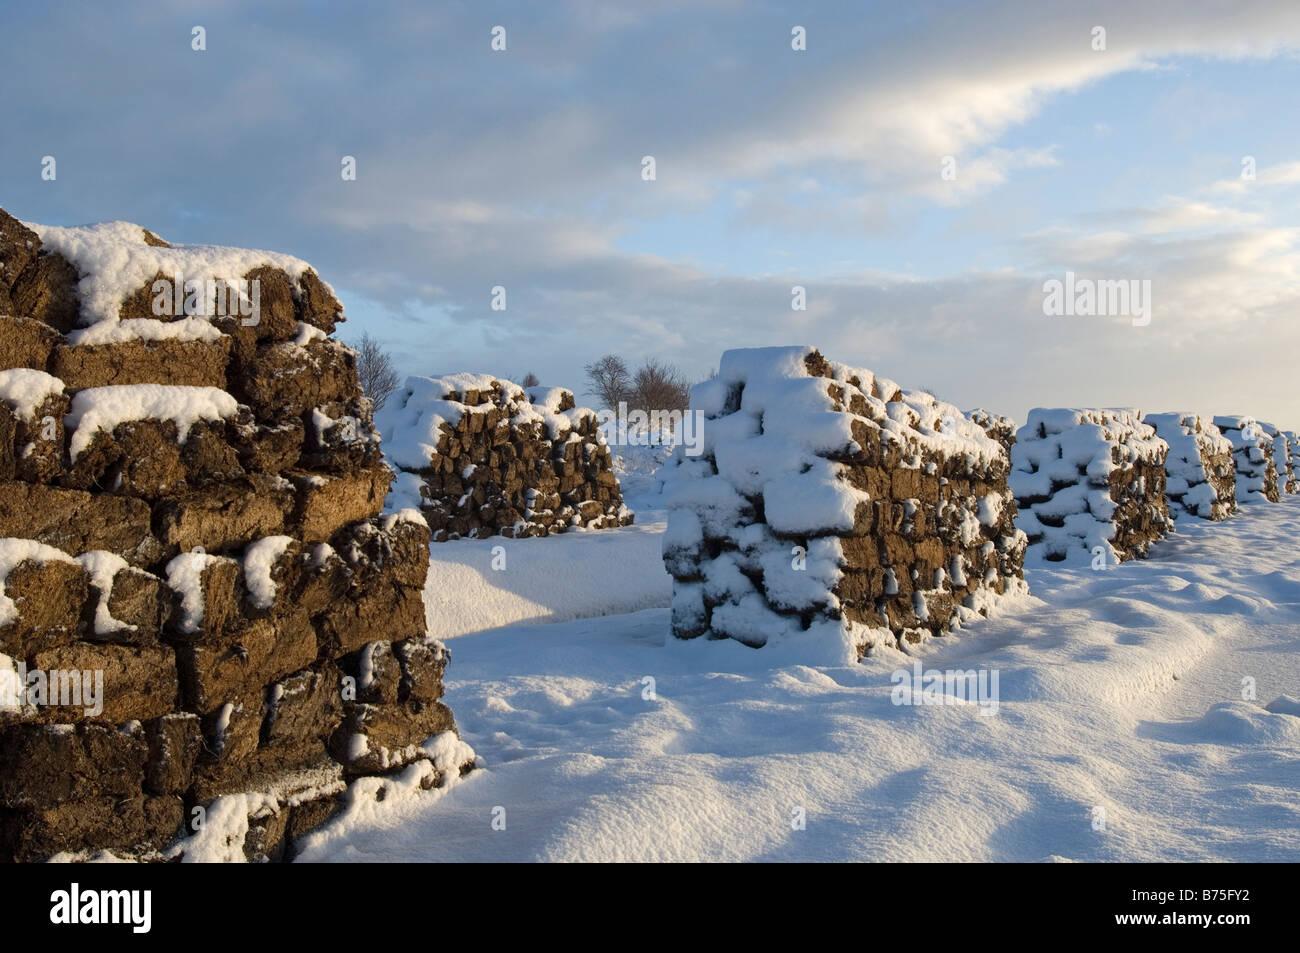 peat in the moor snowed under  winter in the moor Stock Photo